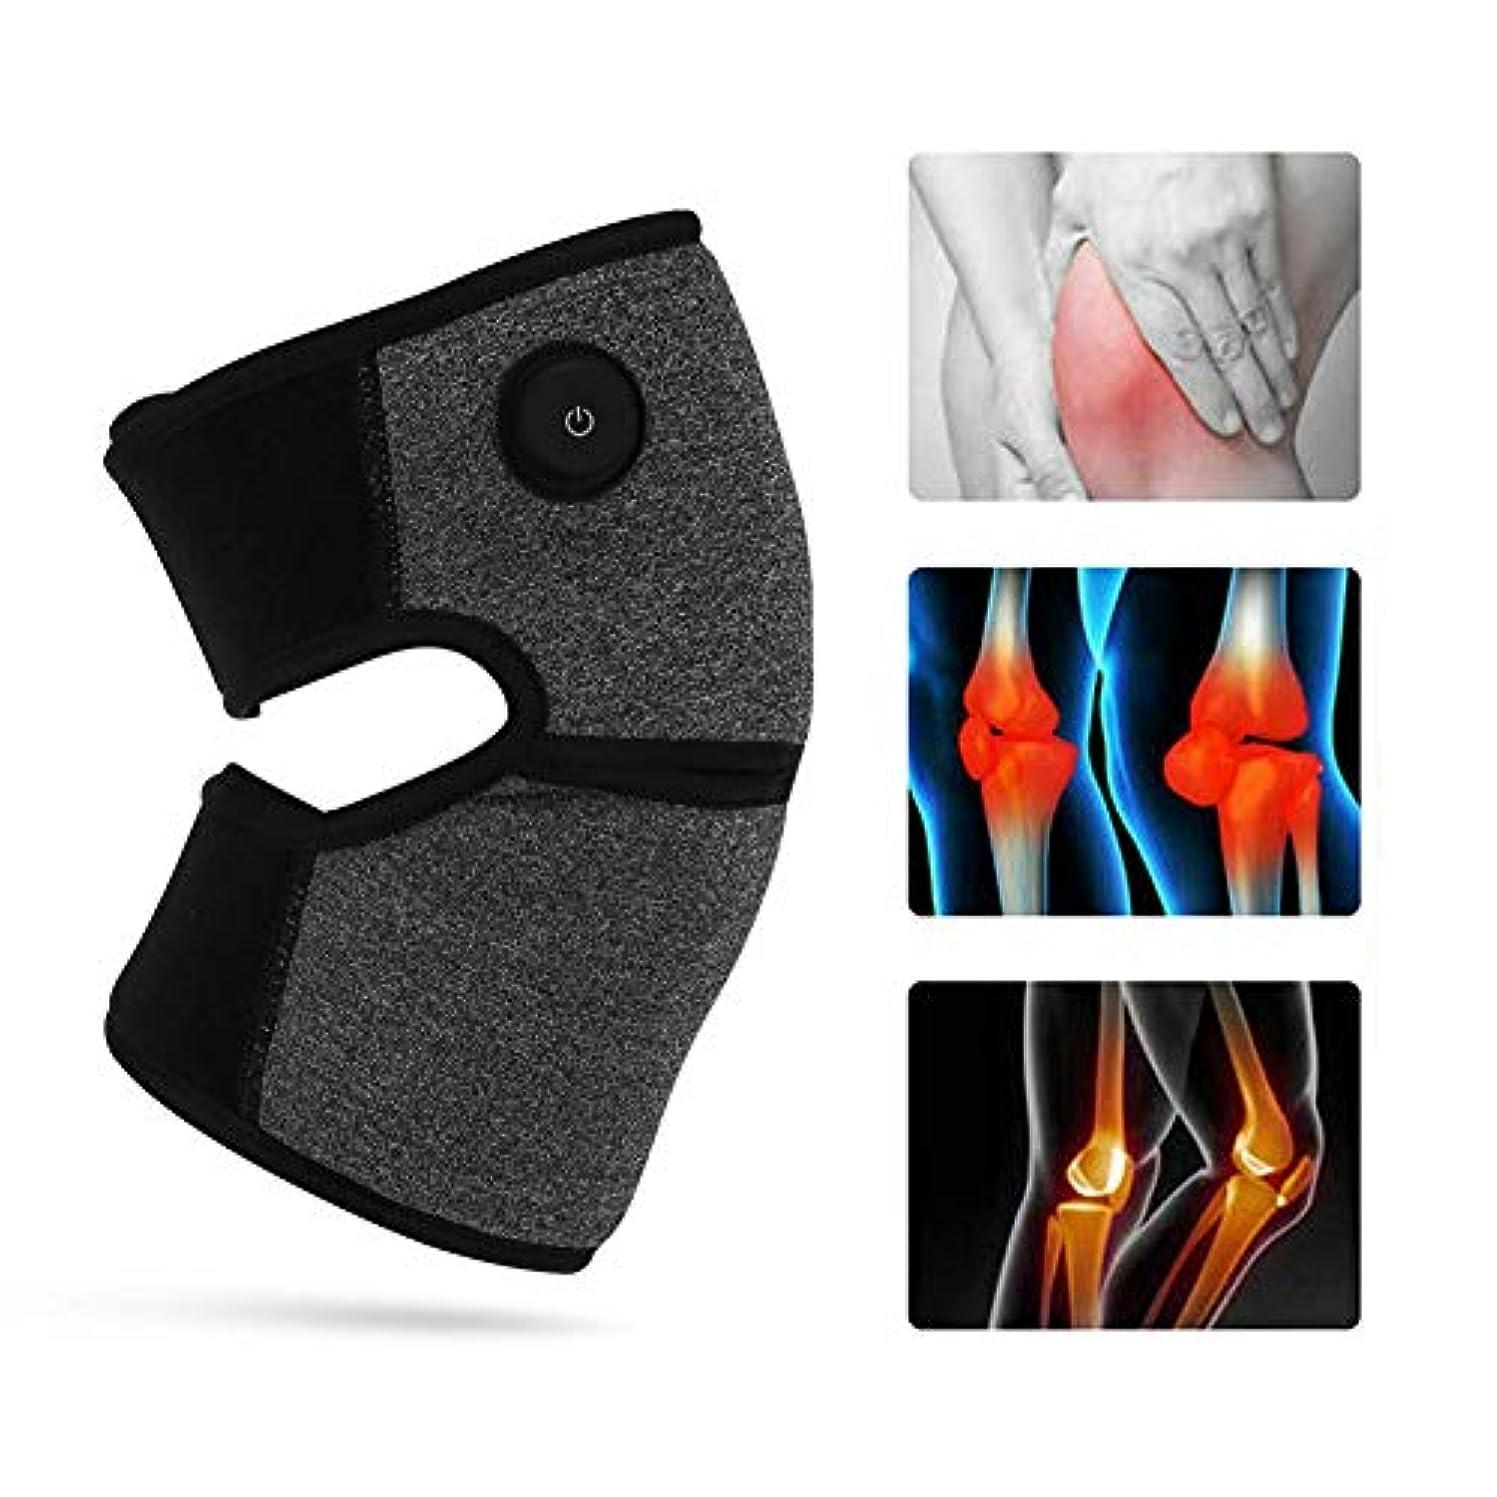 どこ正義用心膝関節炎のための3ファイル温度加熱膝装具療法ホット圧縮による電気加熱膝ラップサポート,2pcs